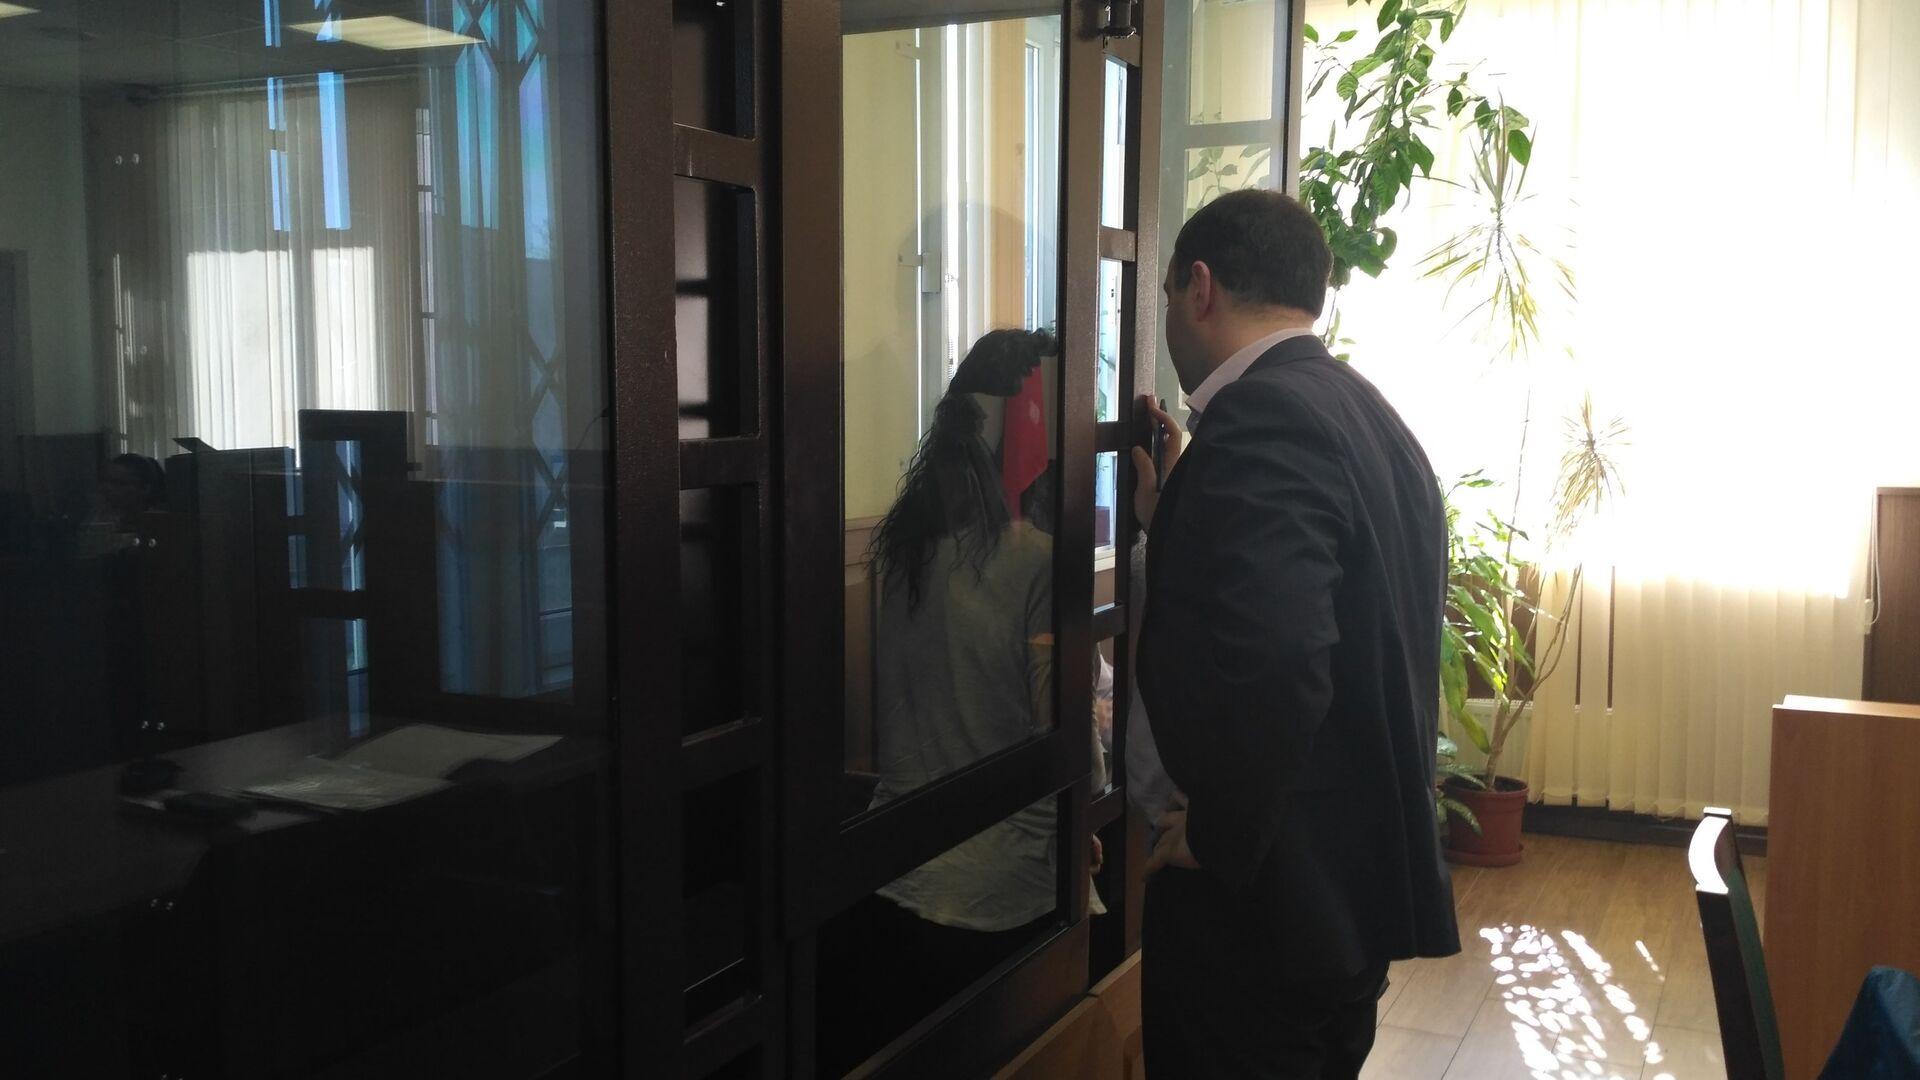 Суд арестовал первую фигурантку по делу о незаконной предпринимательской деятельности, разжигании ненависти и вражды в отношении членов религиозной группы Саентологическая церковь Санкт-Петербурга - РИА Новости, 1920, 16.03.2021